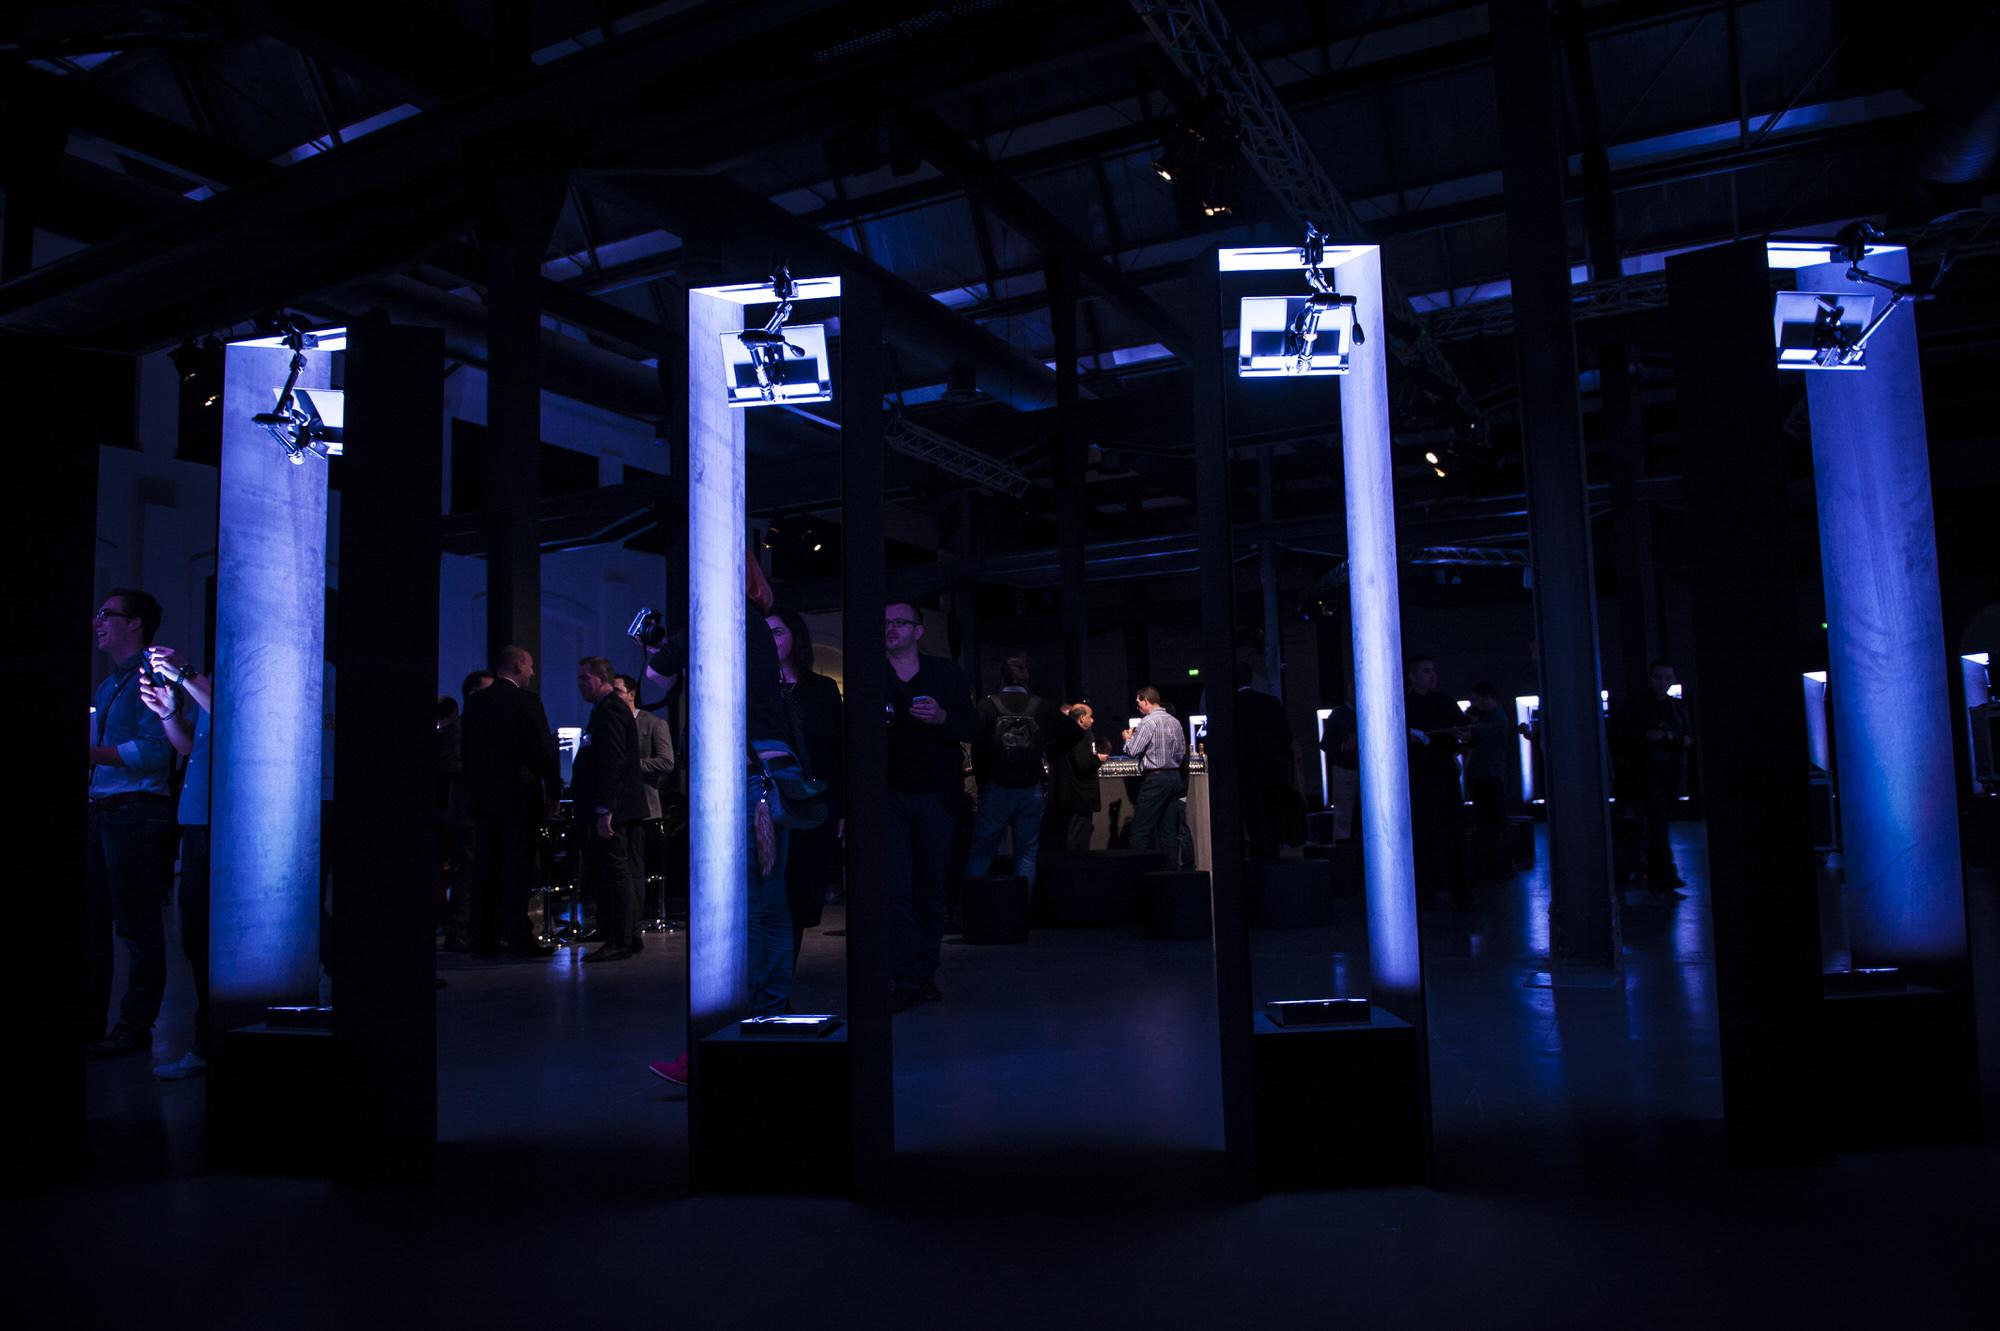 yoga-tablet-press-conference-gruppo-peroni-eventi-02